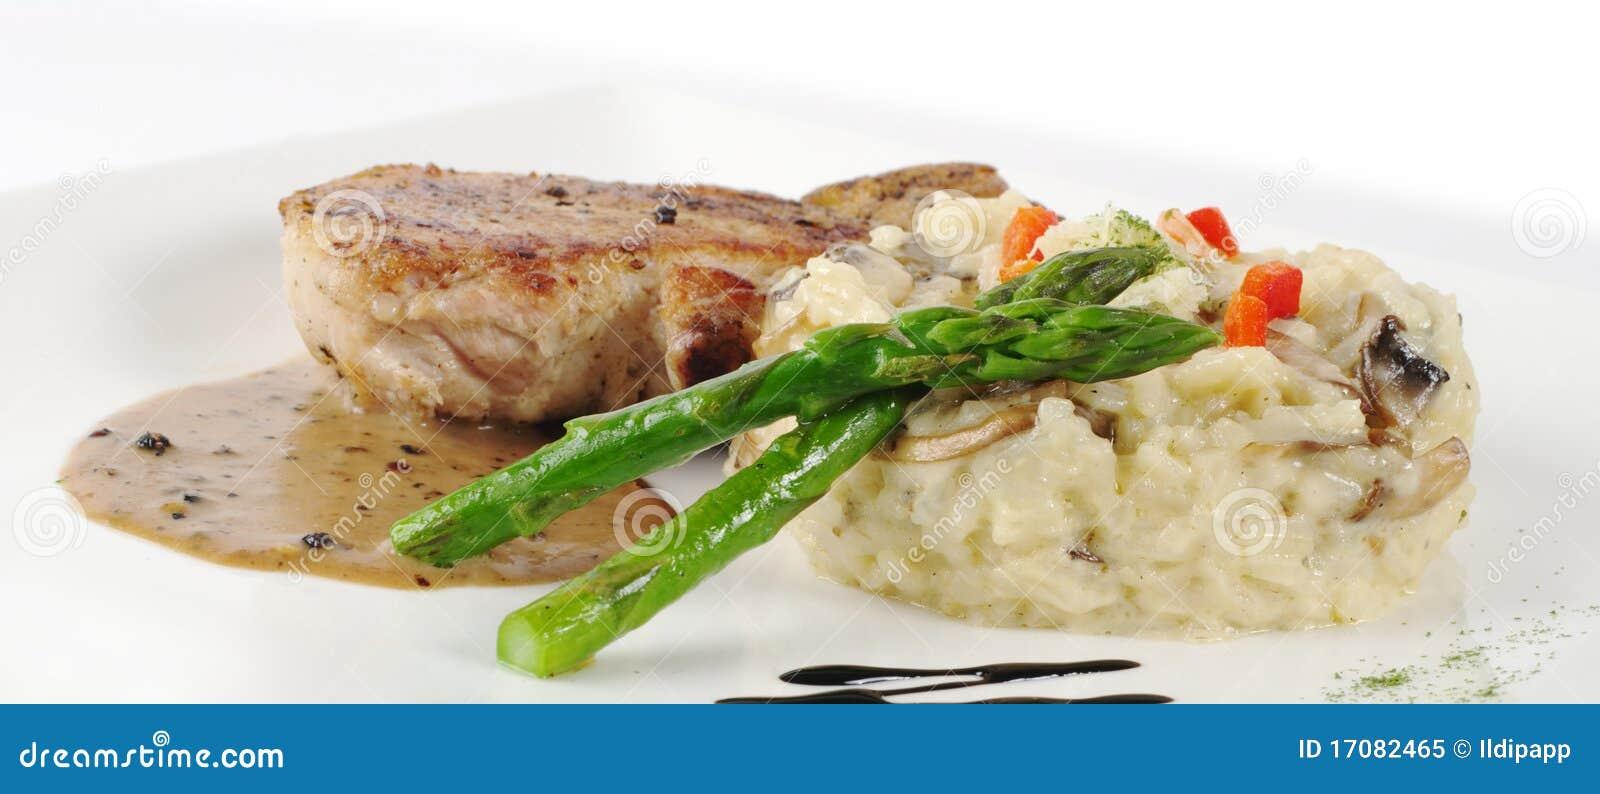 Grüner Spargel, Reis, Fleisch